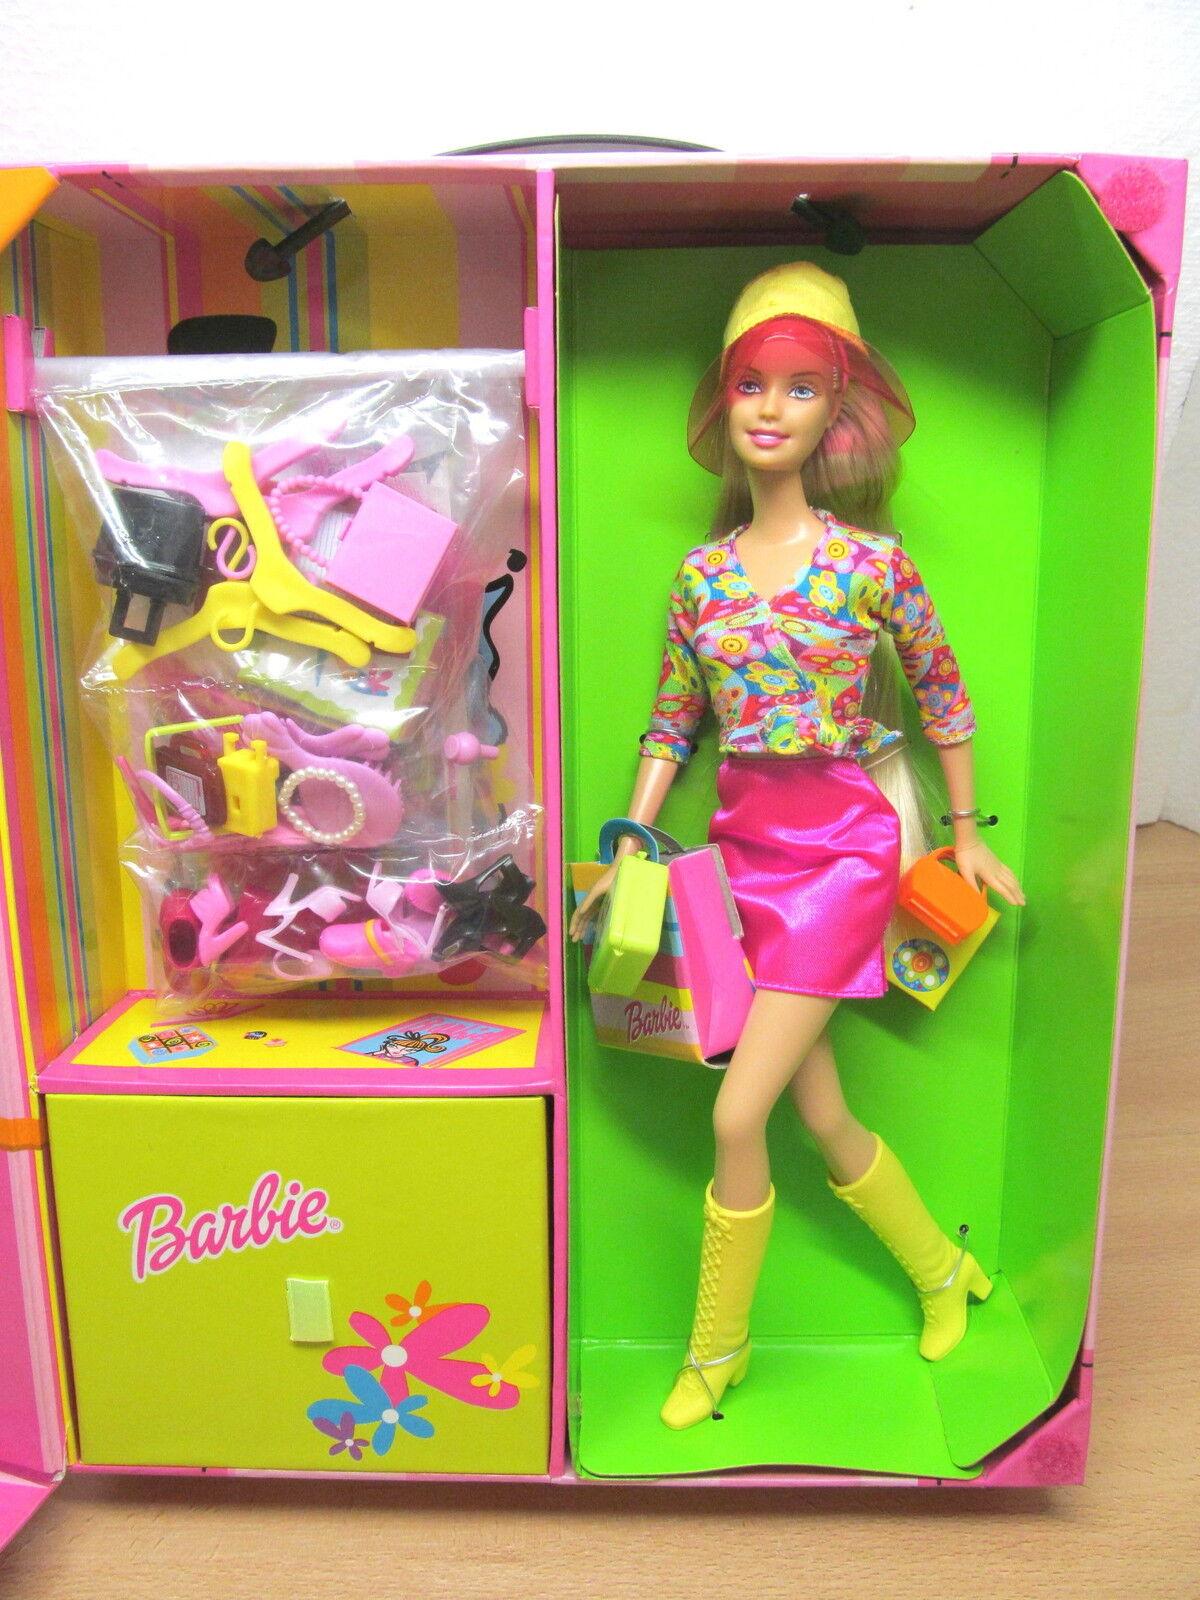 MES-26848 Barbie 2001 Modekoffer OVP, aus Sammlungsauflösung,sehr guter Zustand,